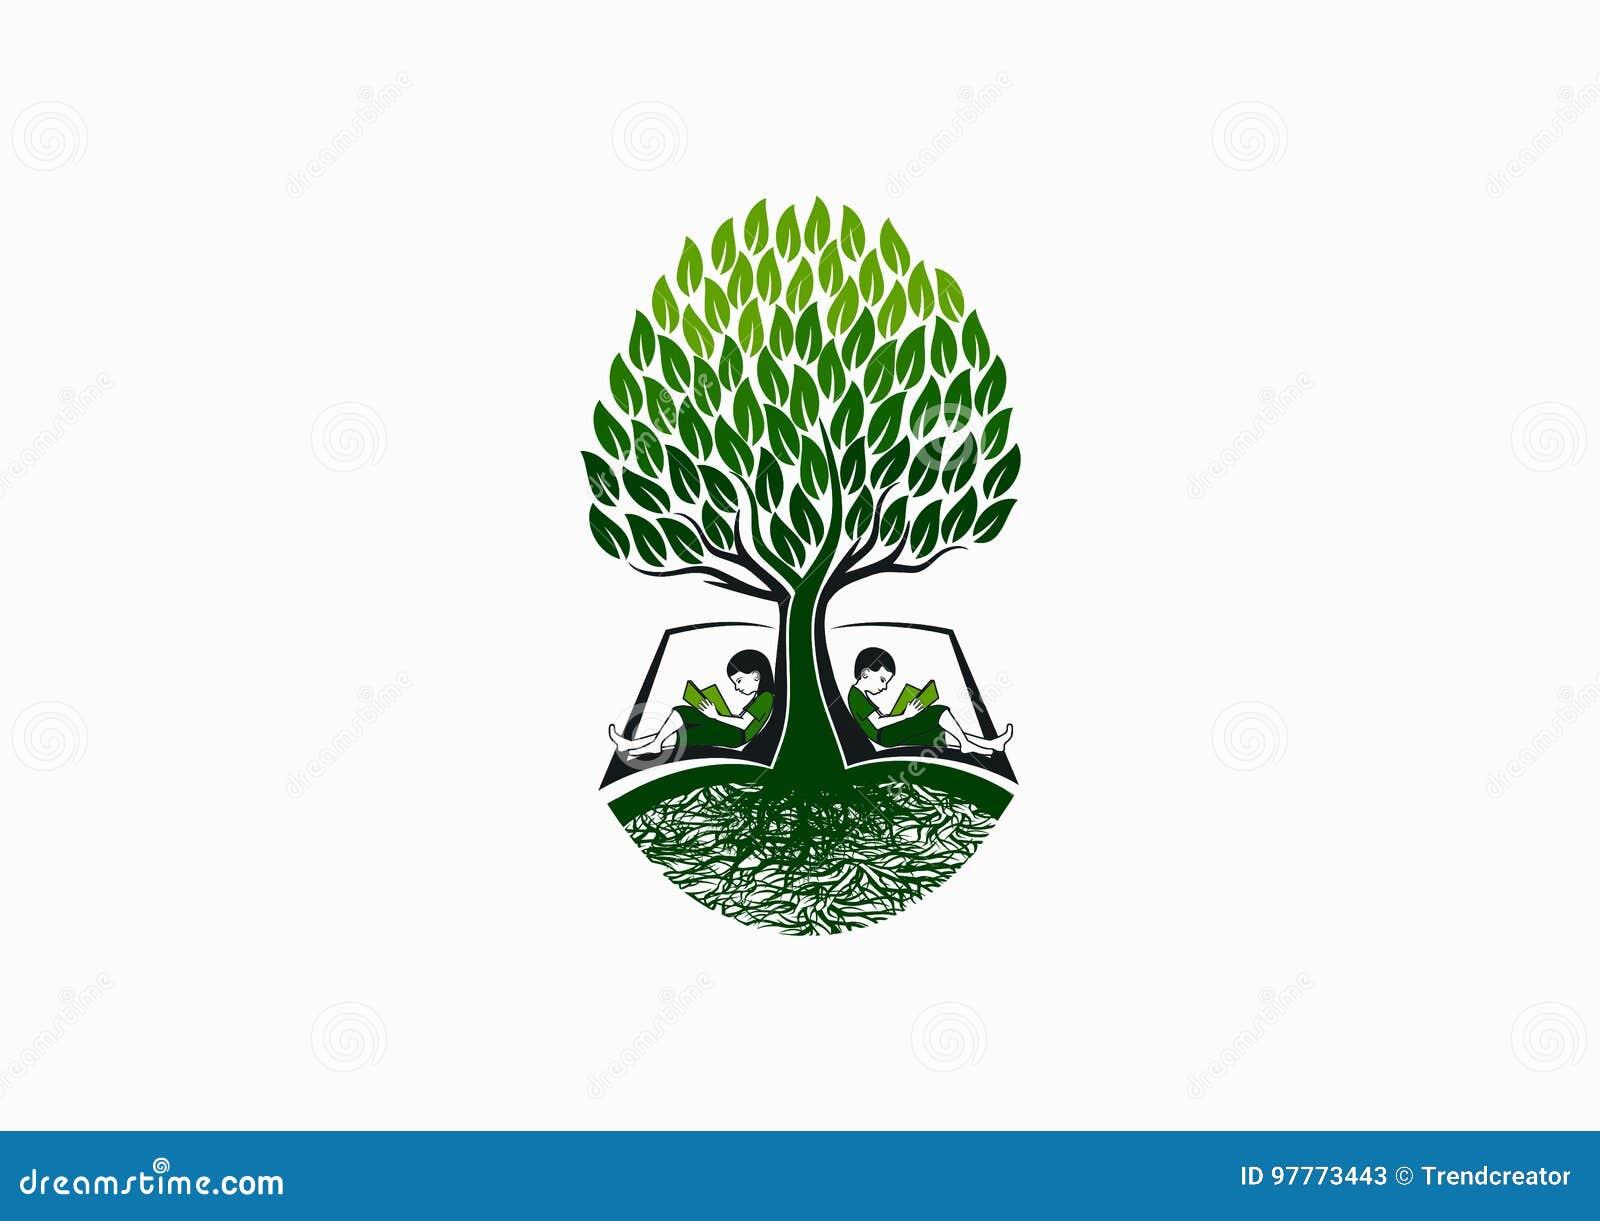 O logotipo da educação da árvore, o ícone adiantado do leitor do livro, o símbolo do conhecimento da escola e a infância da natur